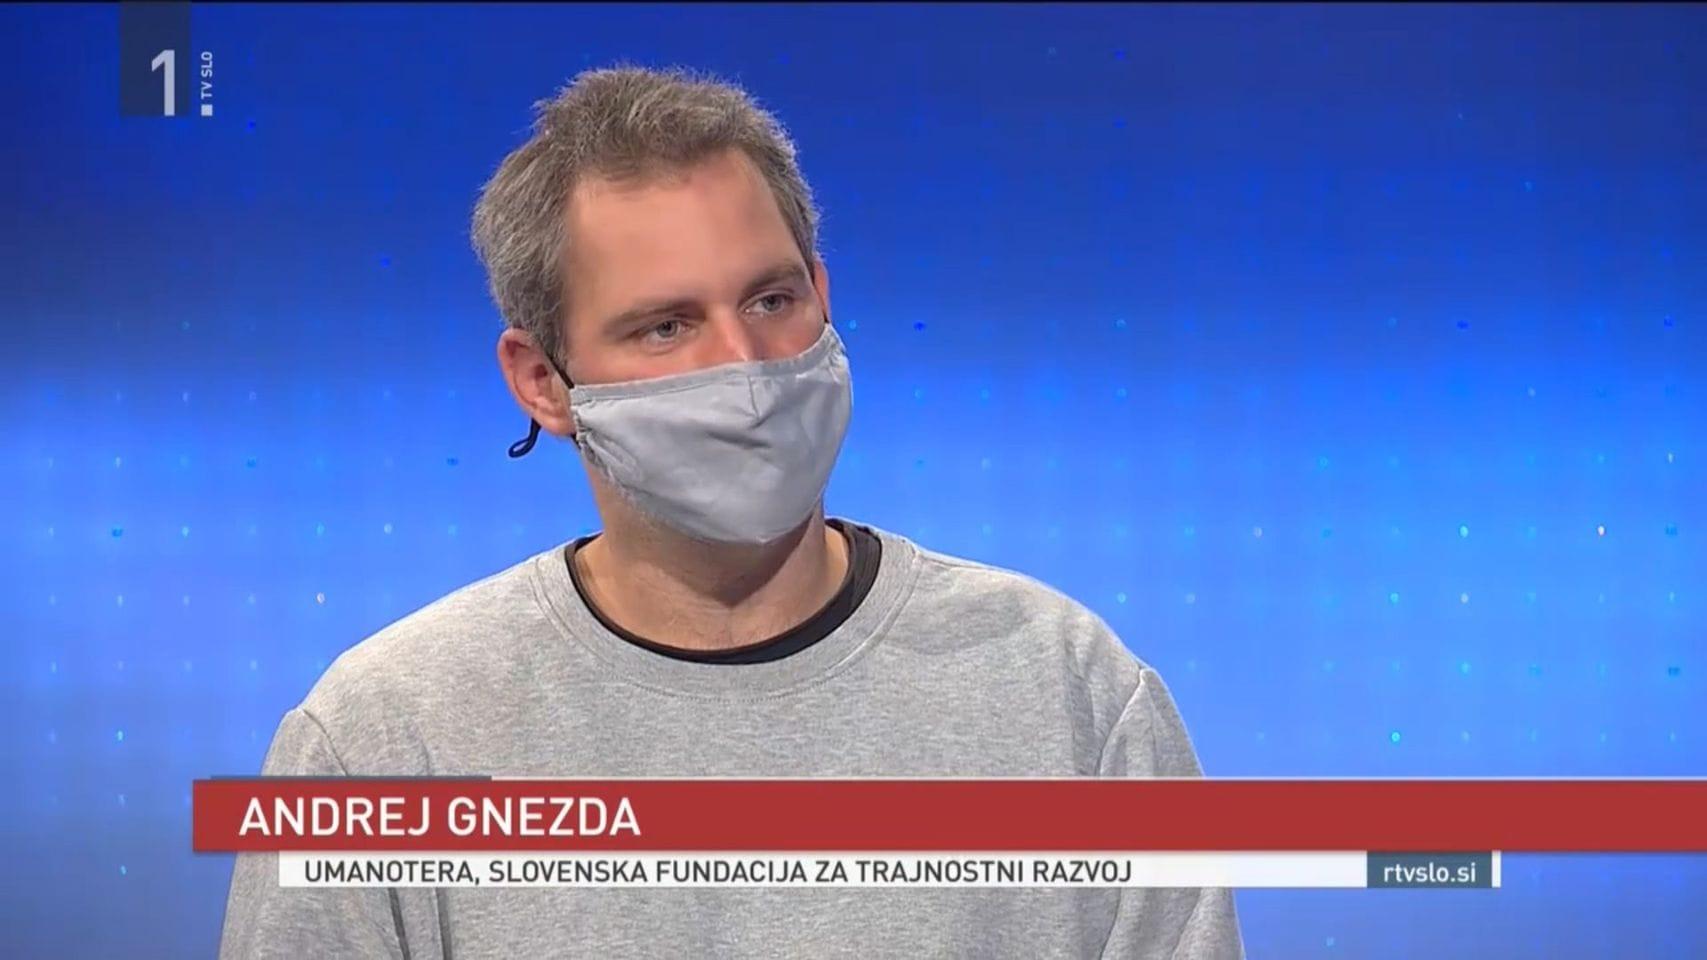 Andrej Gnezda na TVSLO. Vir: Facebook